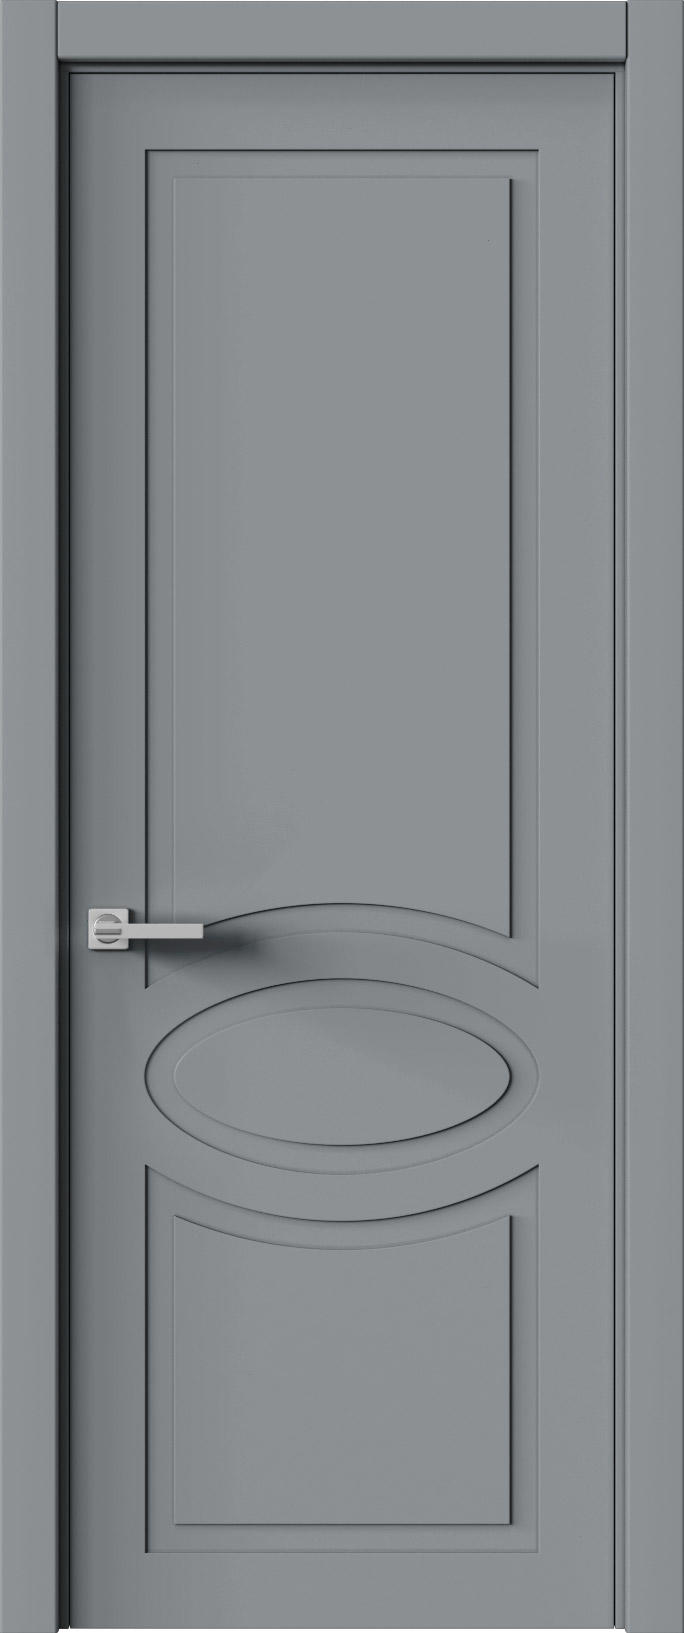 Tivoli Н-5 цвет - Серебристо-серая эмаль (RAL 7045) Без стекла (ДГ)